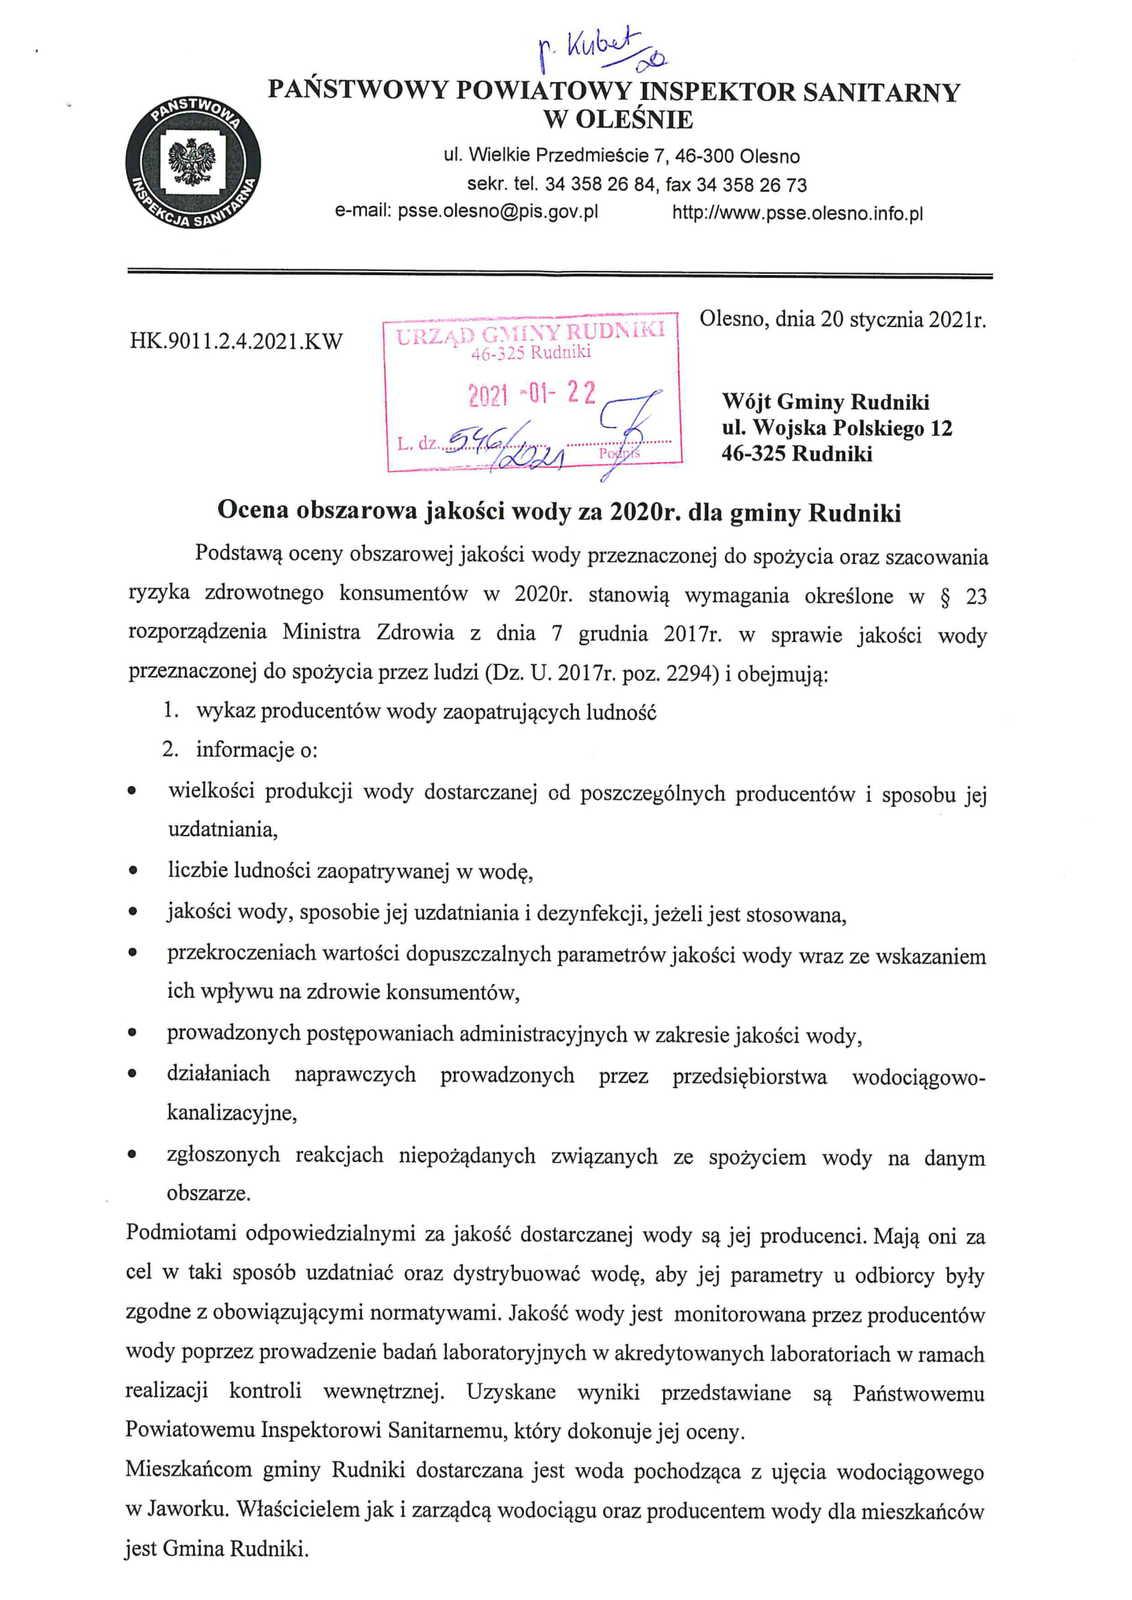 Ocena obszarowa jakości wody za 2020 r. - Gmina Rudniki-1.jpeg